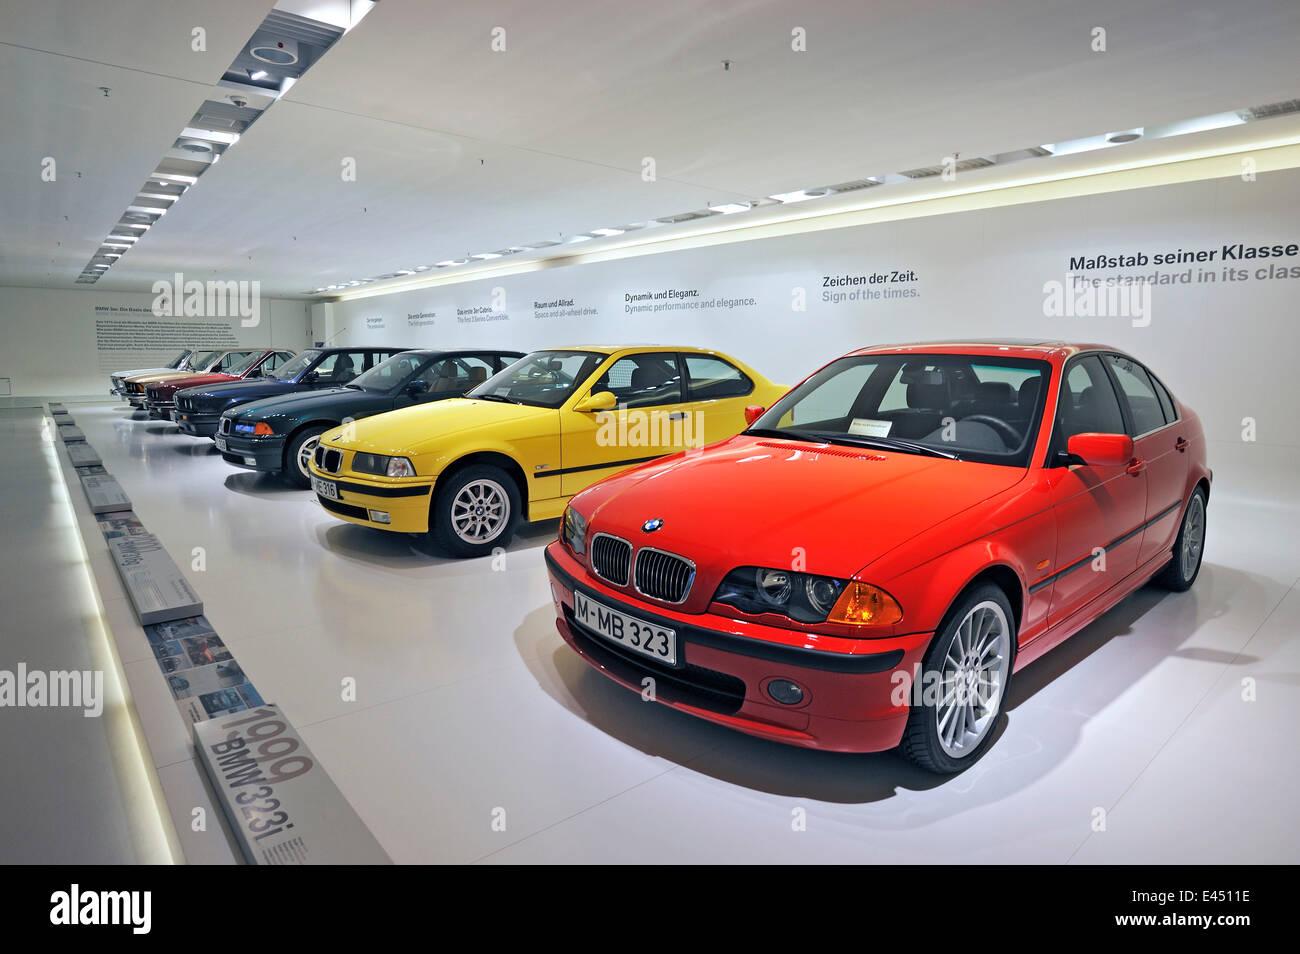 Vecchia BMW Serie 3 modelli, museo BMW Monaco di Baviera, Baviera, Baviera, Germania Immagini Stock